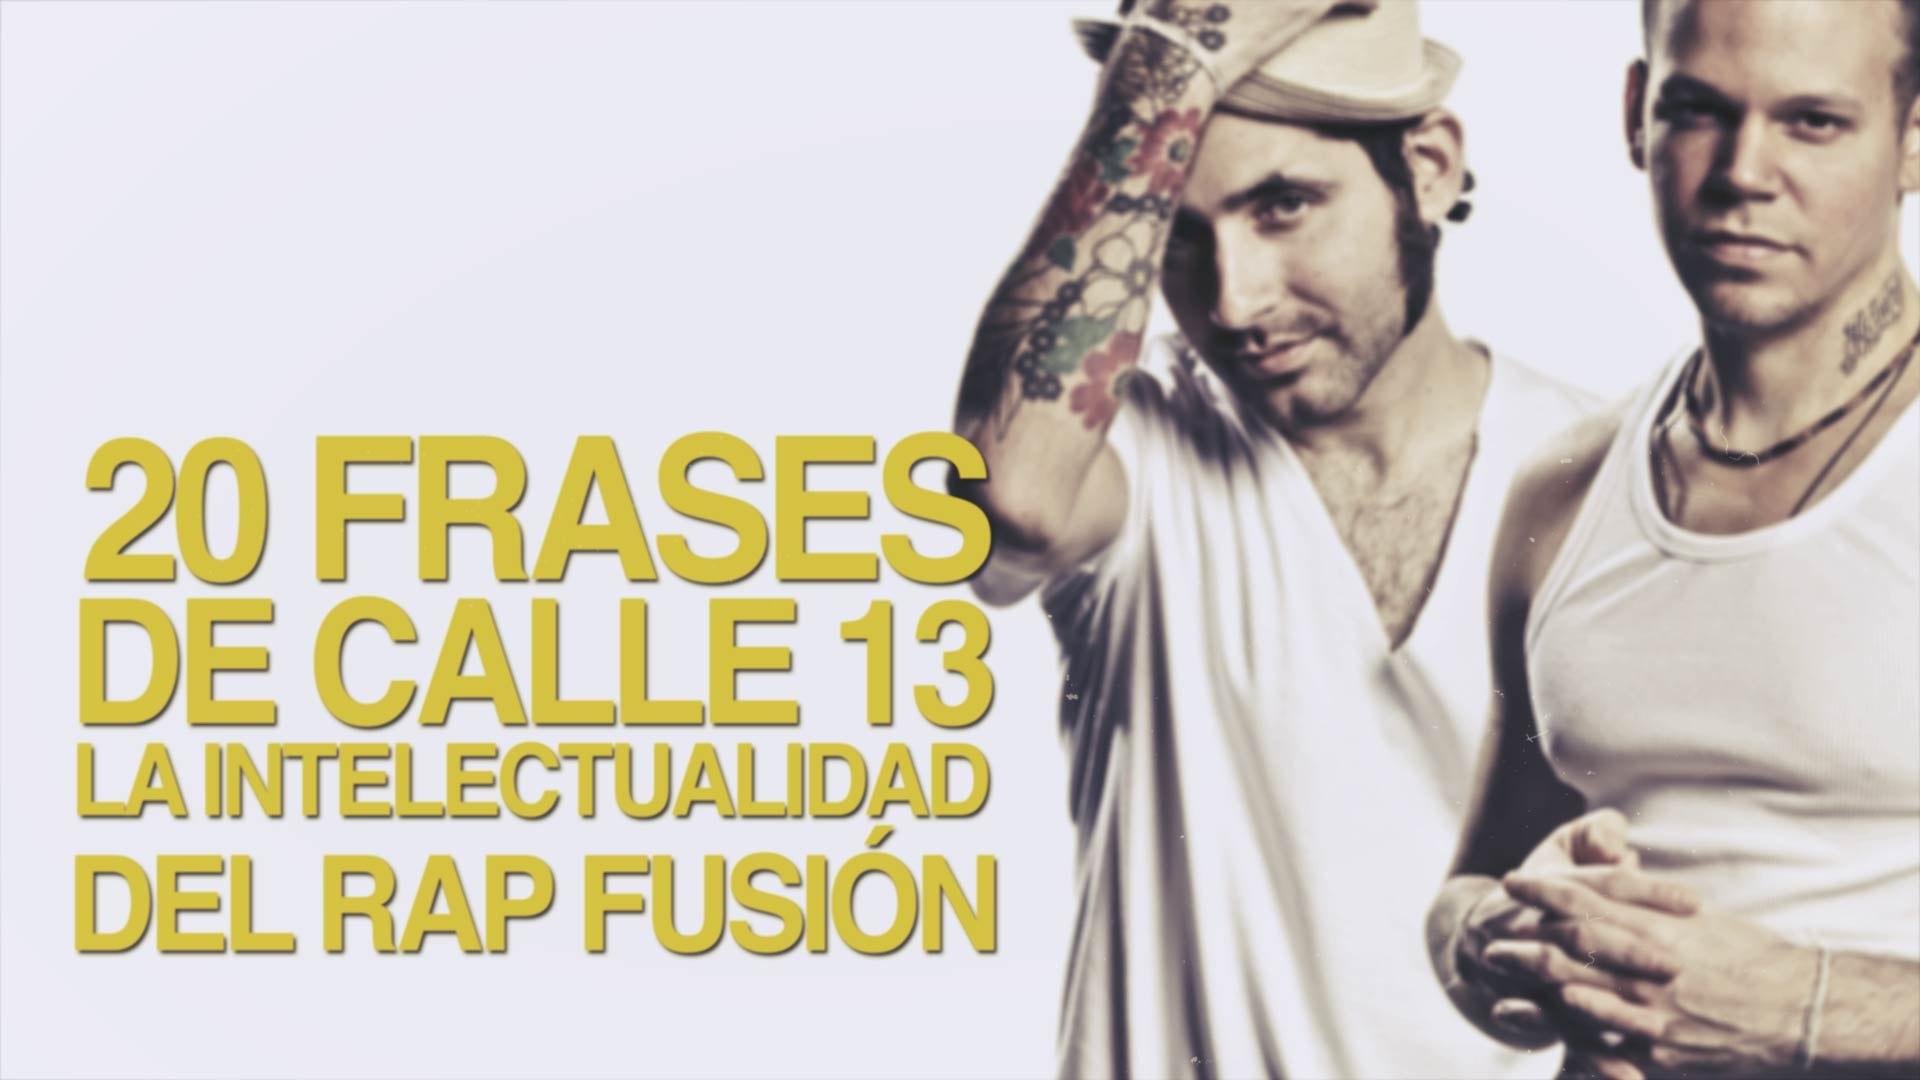 20 Frases De Calle 13 La Intelectualidad Del Rap Fusión